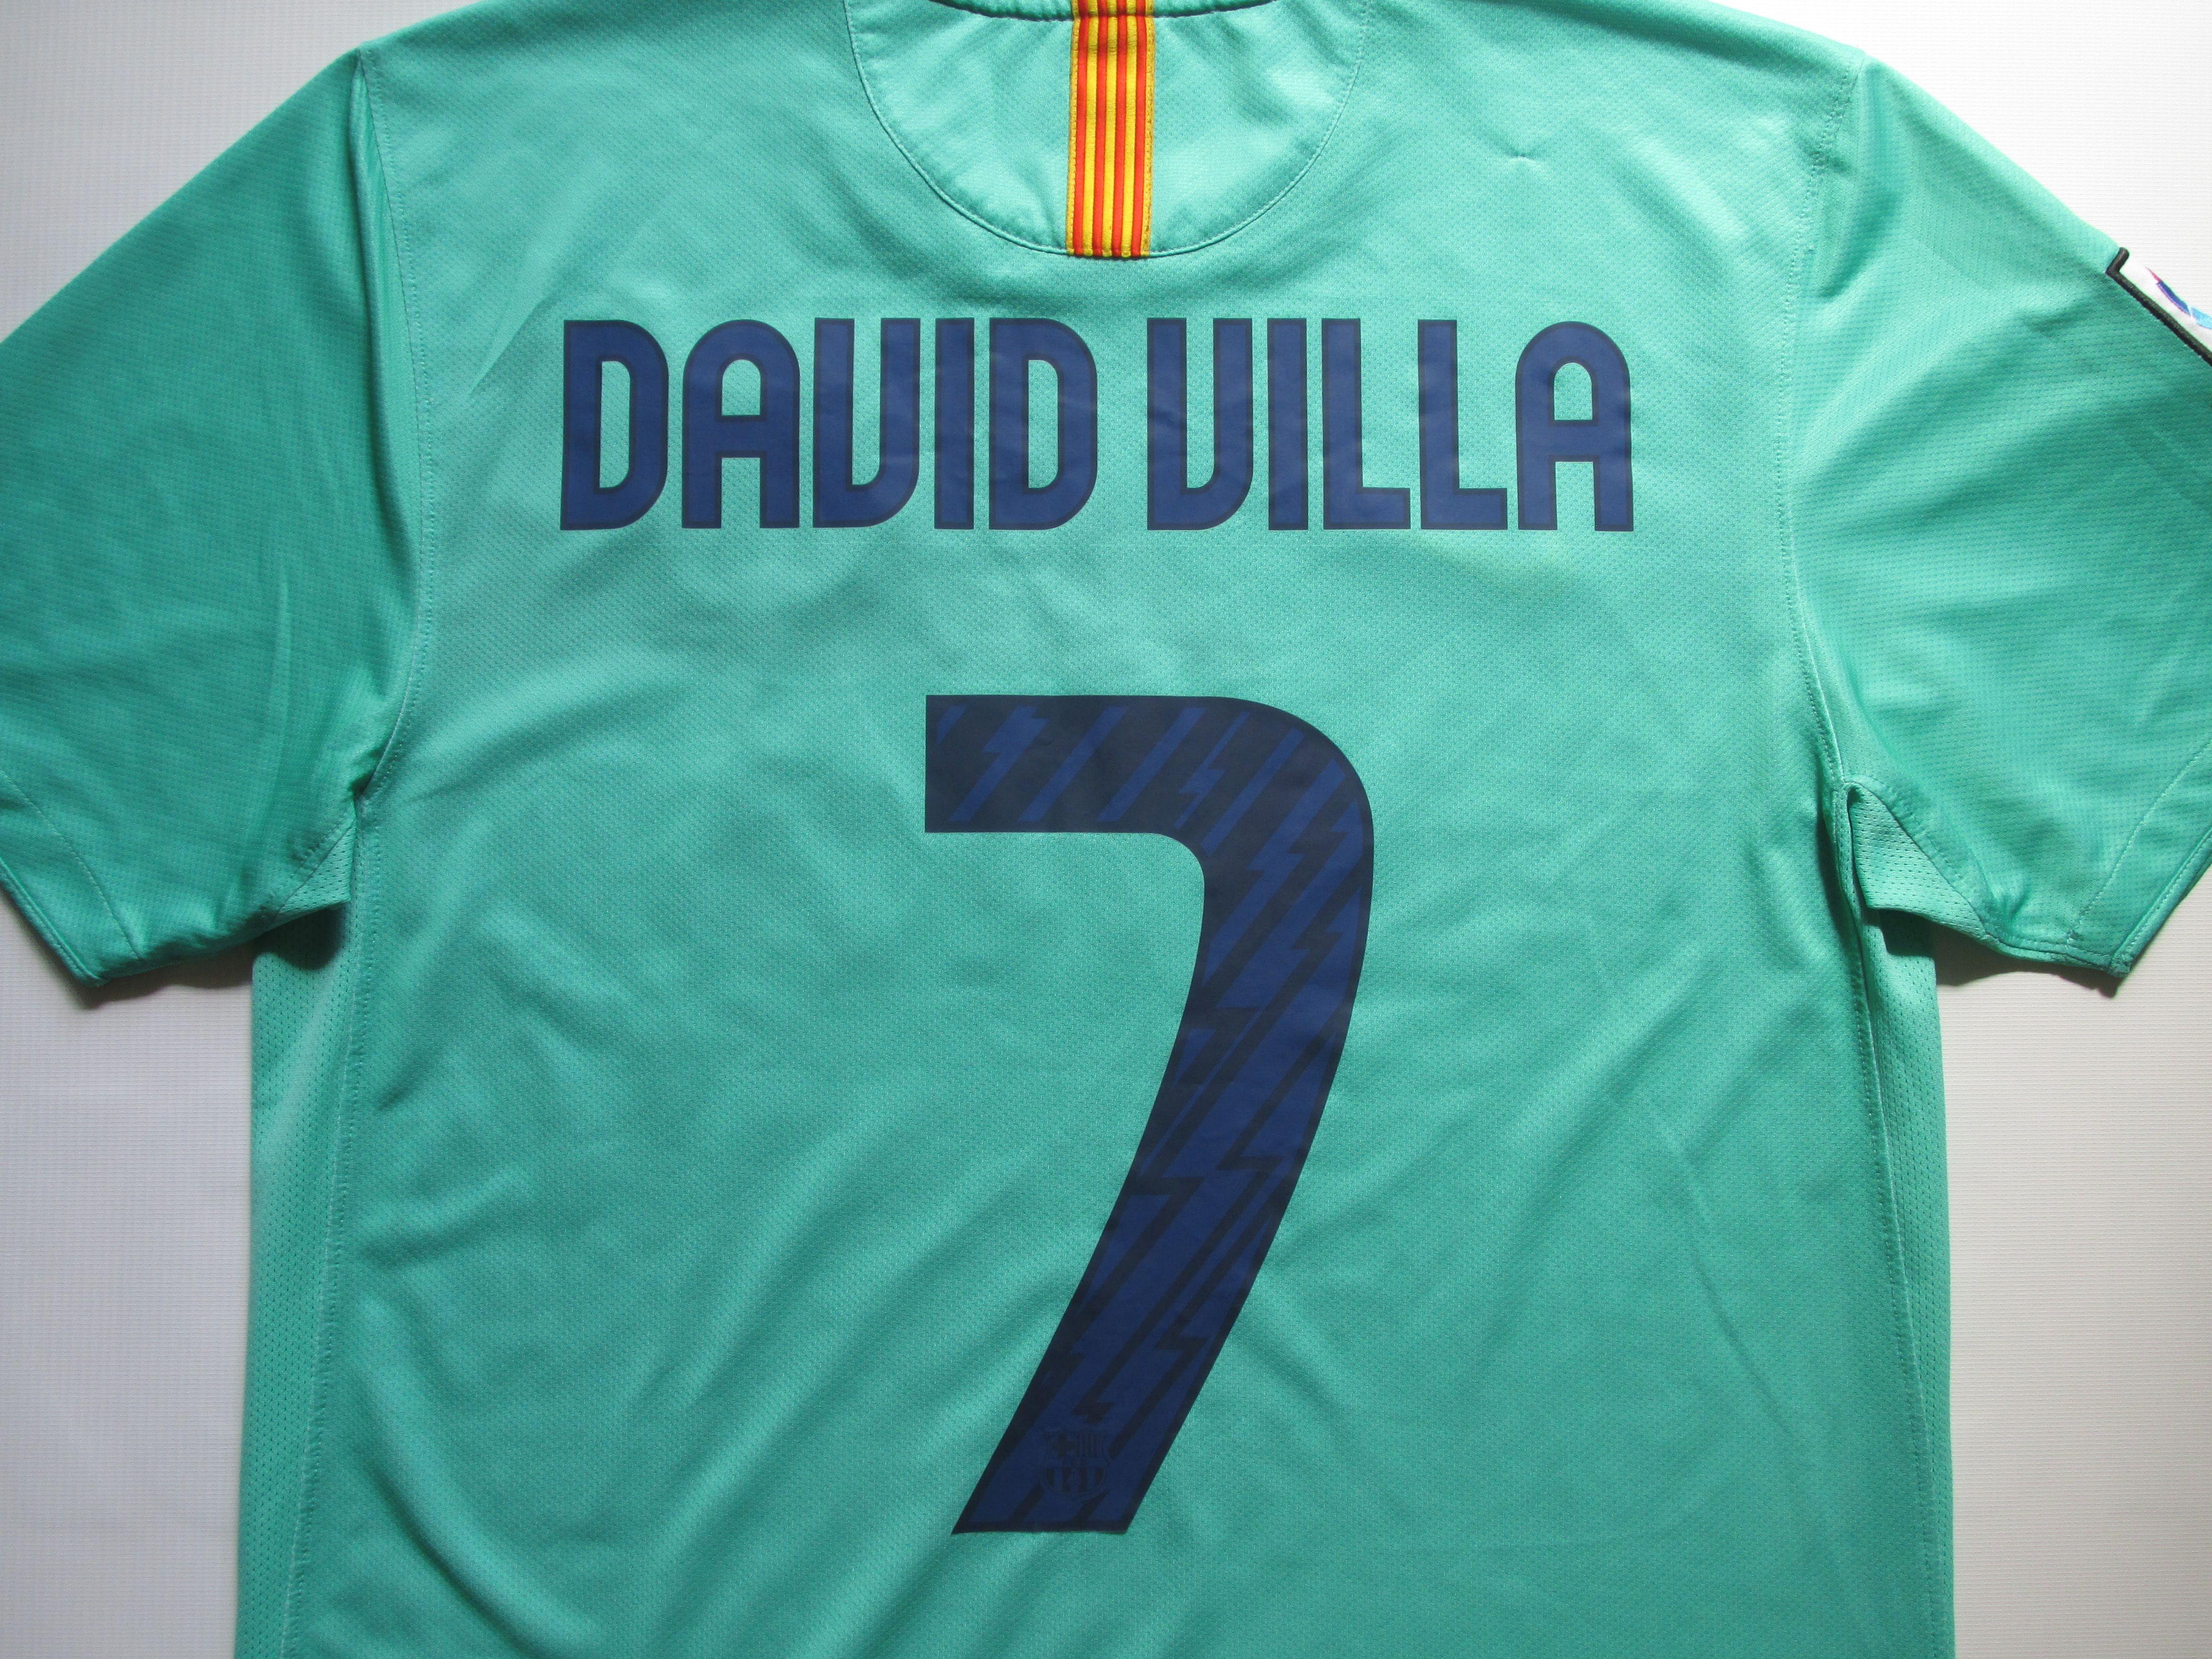 8da1d457af8 Barcelona 2010/2011 away football shirt David Villa #7 by Nike FCBarca Barca  camiseta